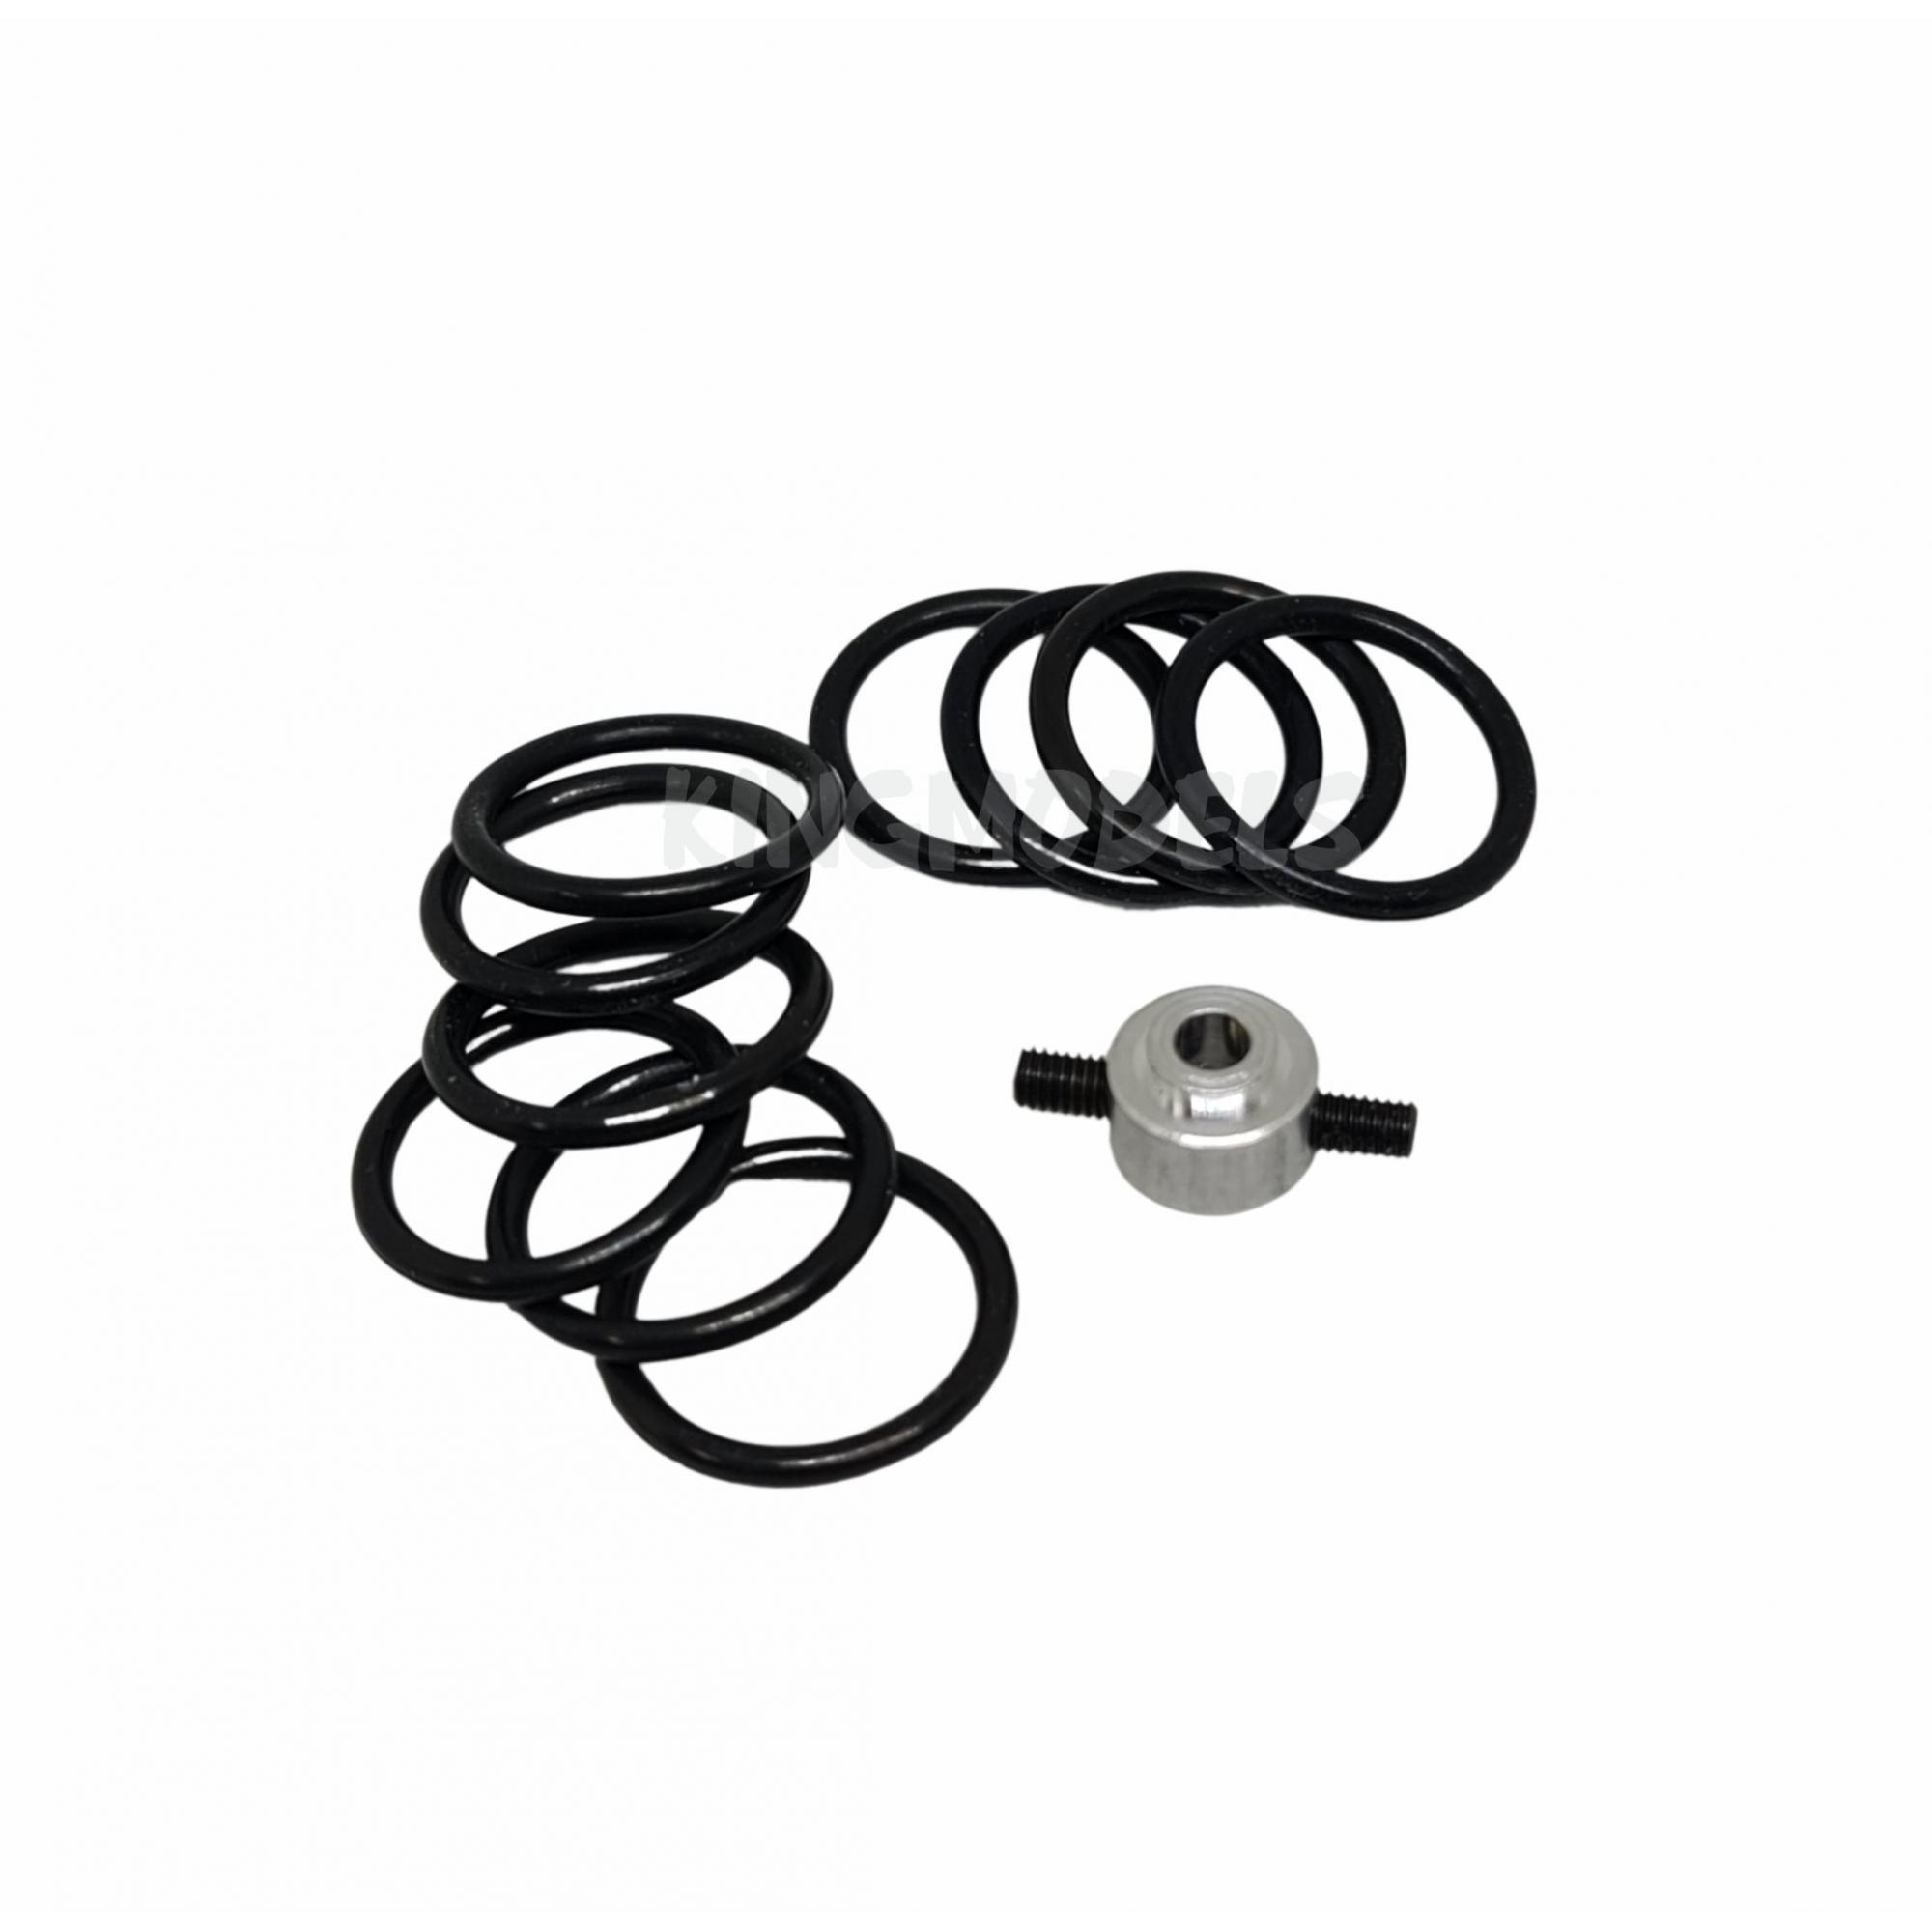 Prop-saver(salva-hélice) Para Motores Com Eixo De 3mm+orings  - King Models